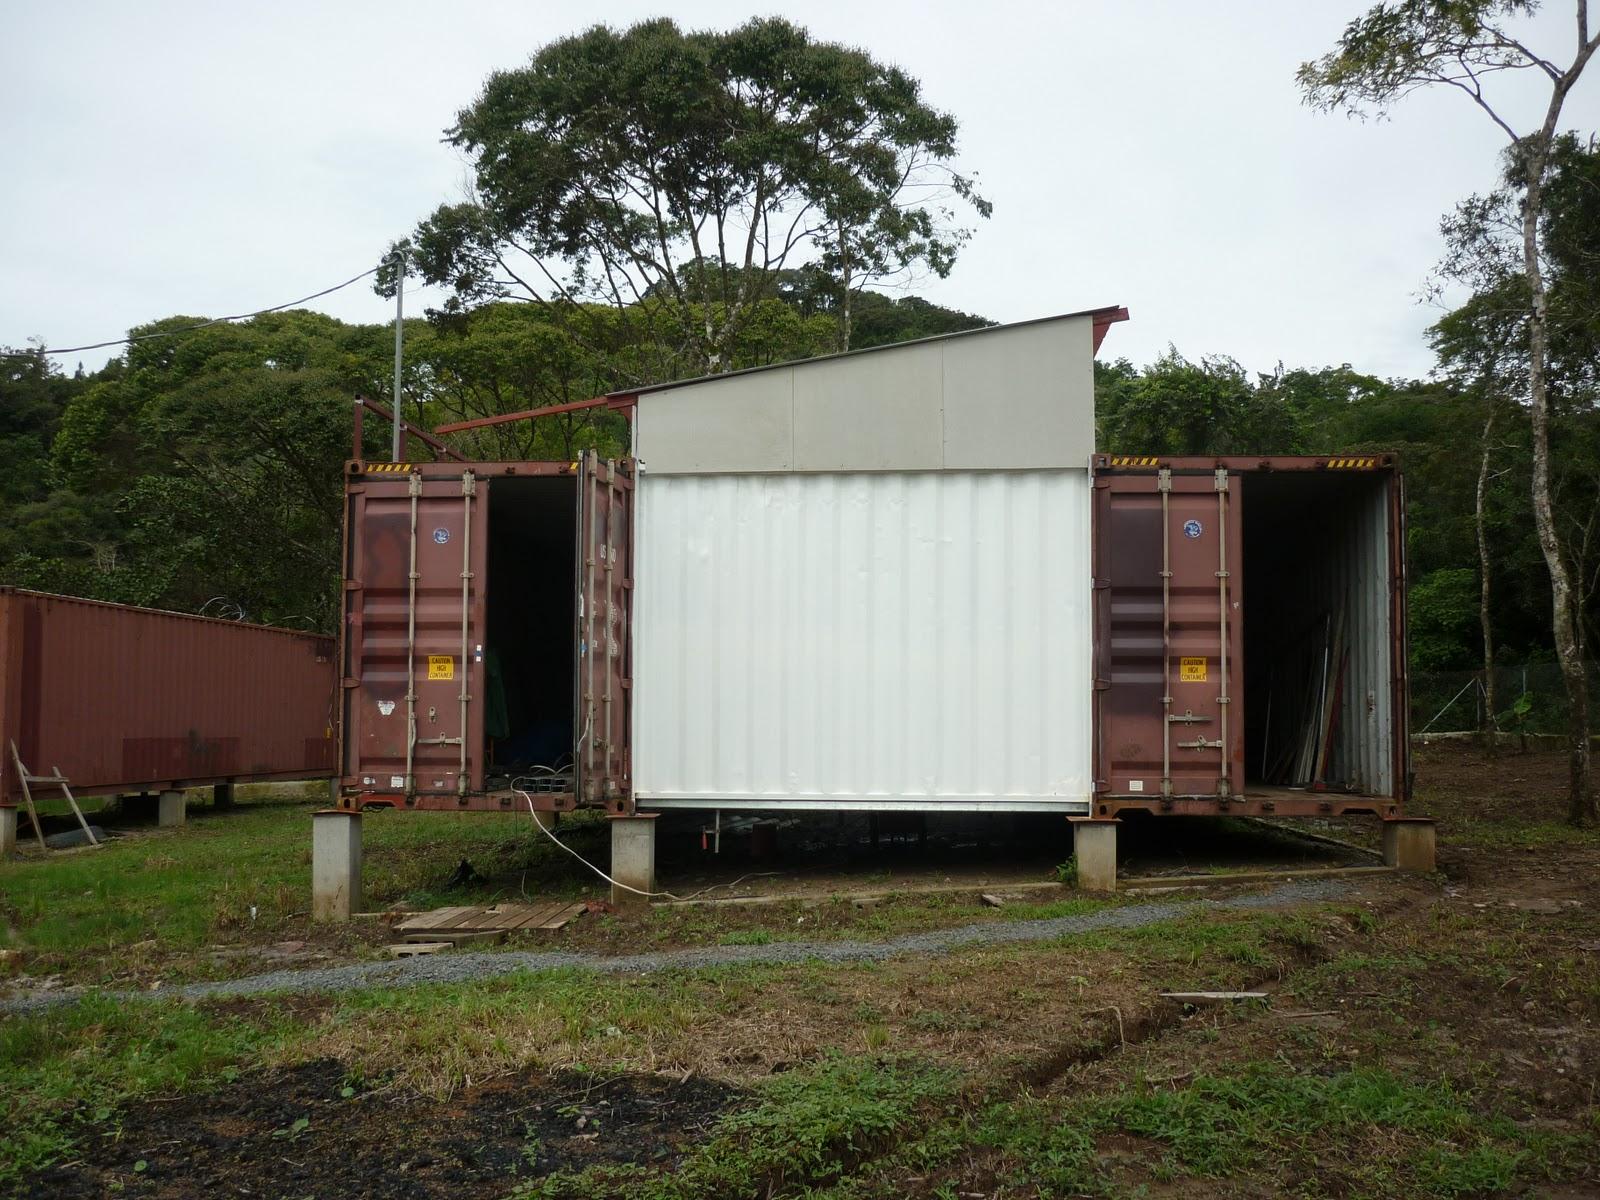 Energy Efficient Home Design Queensland Shipping Container Homes Shipping Container House In Panama